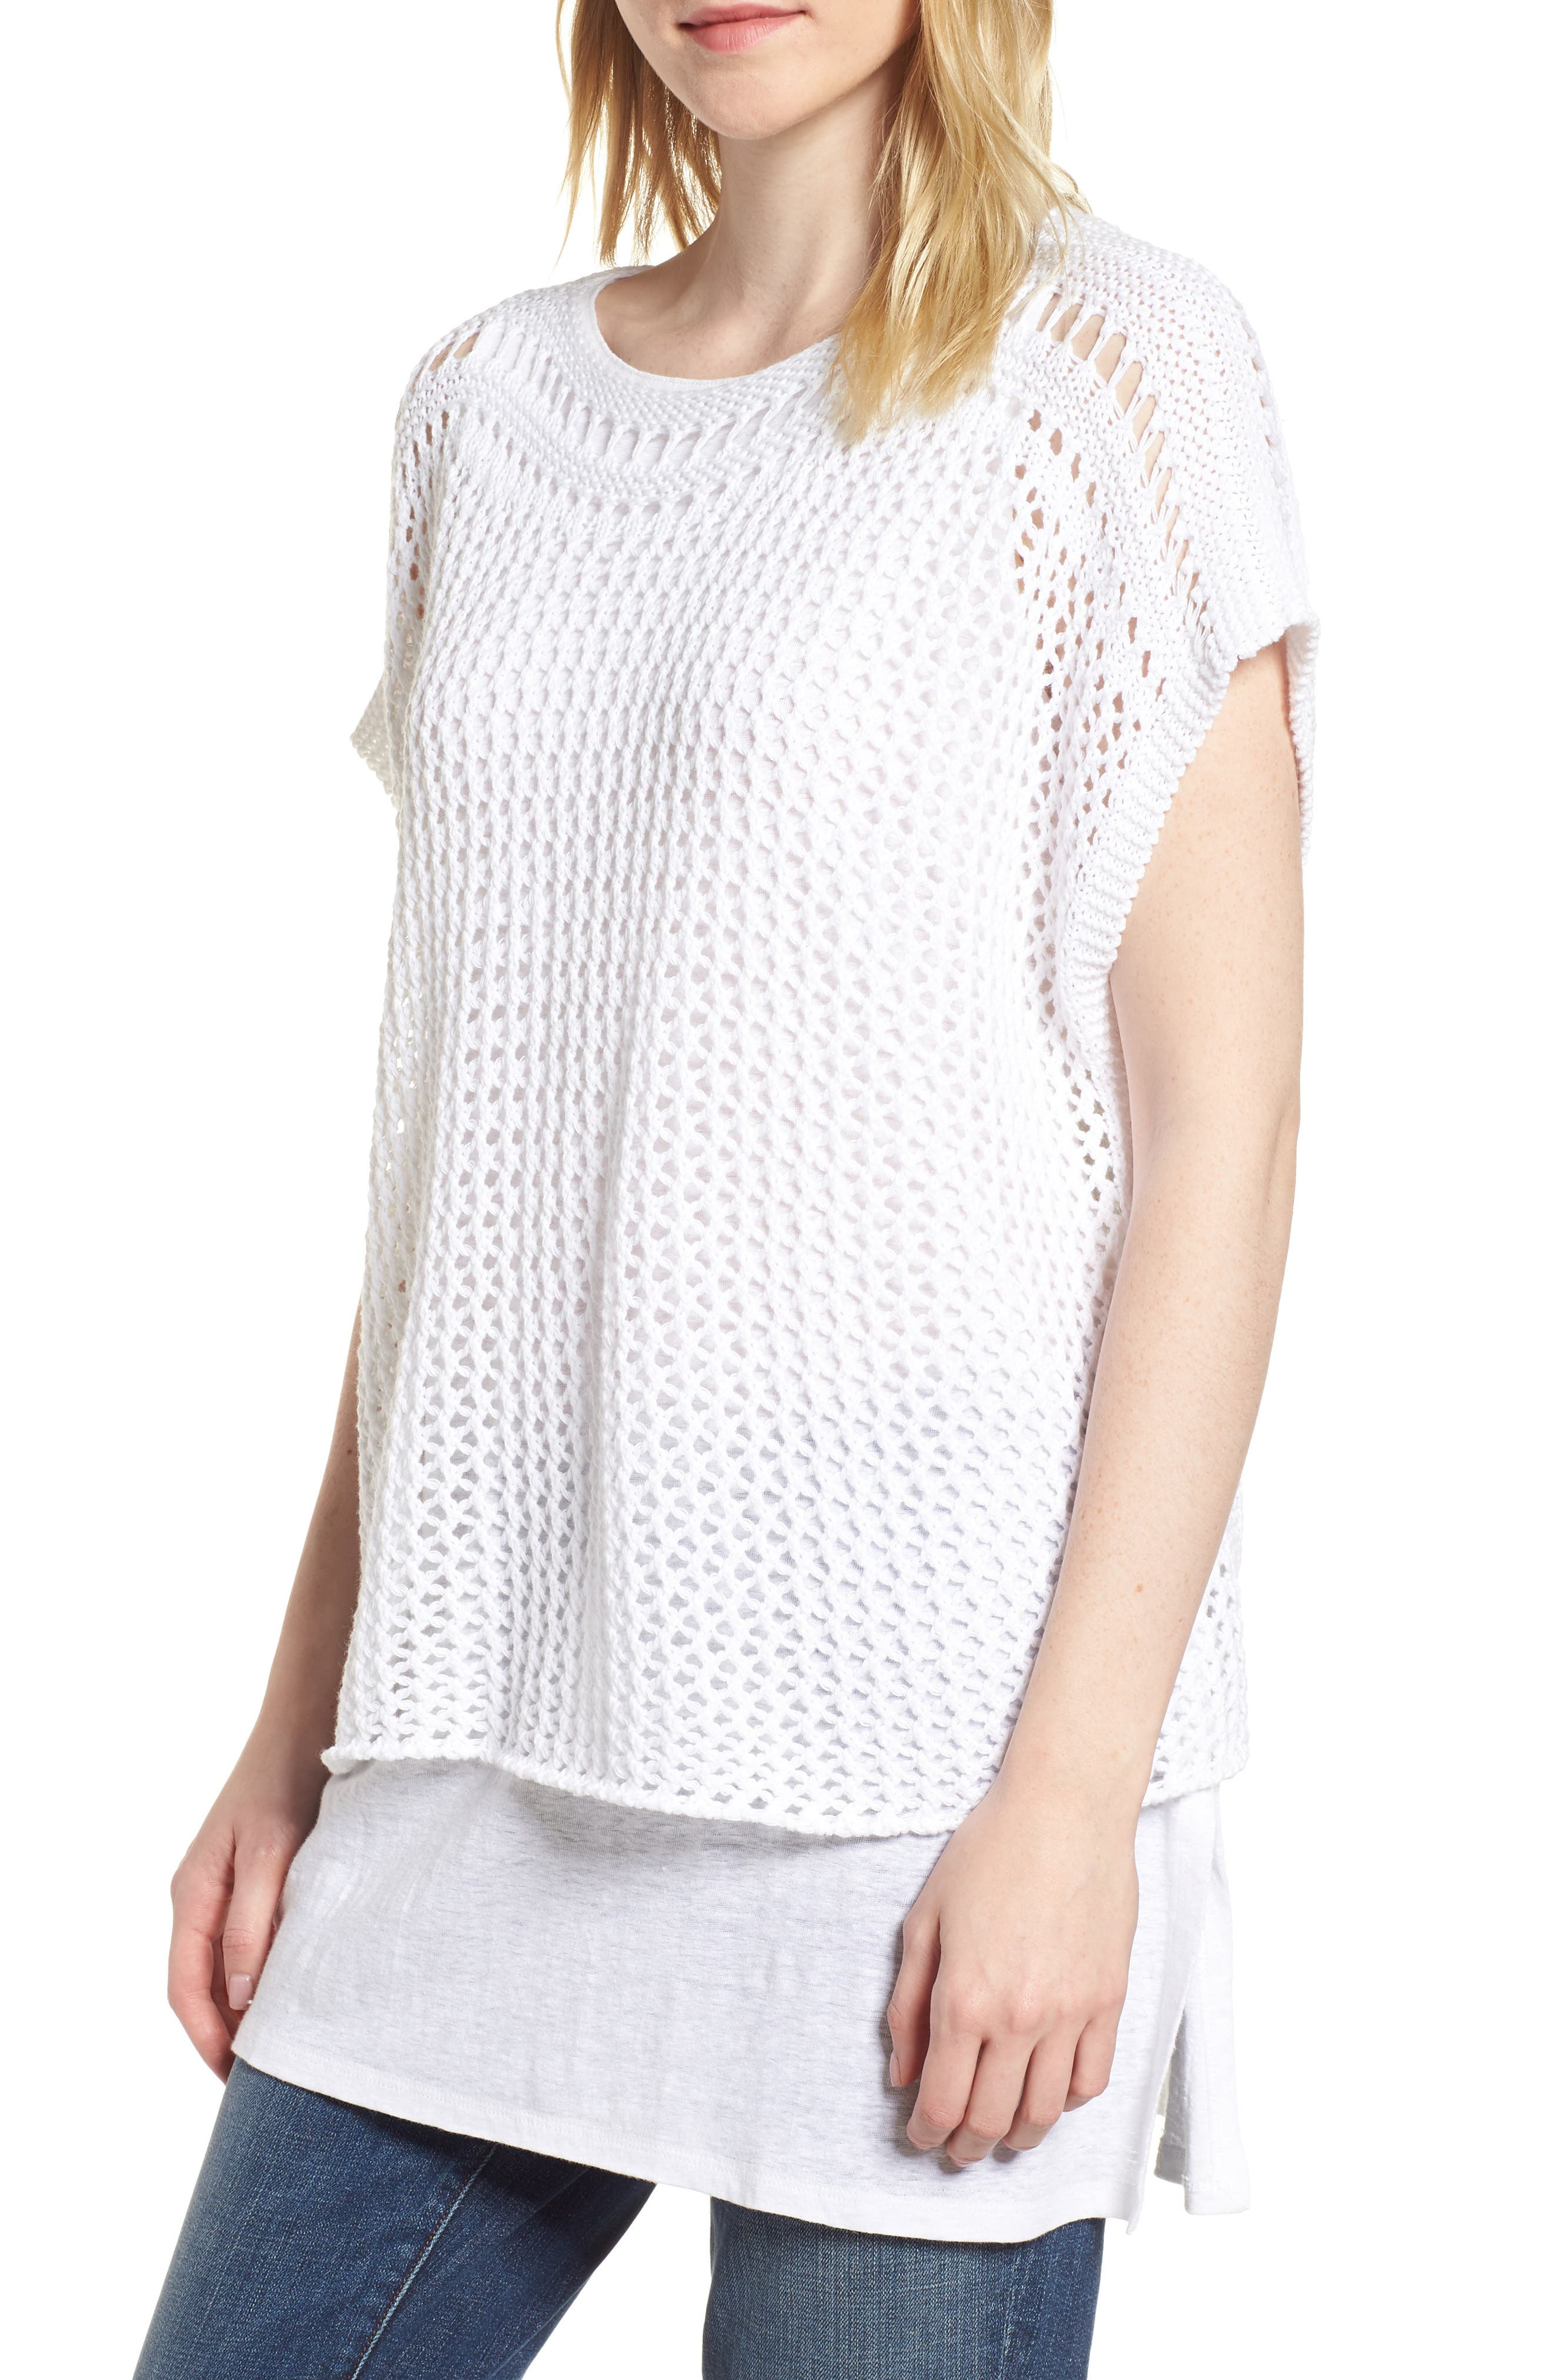 Organic Cotton Sweater,                         Main,                         color, White